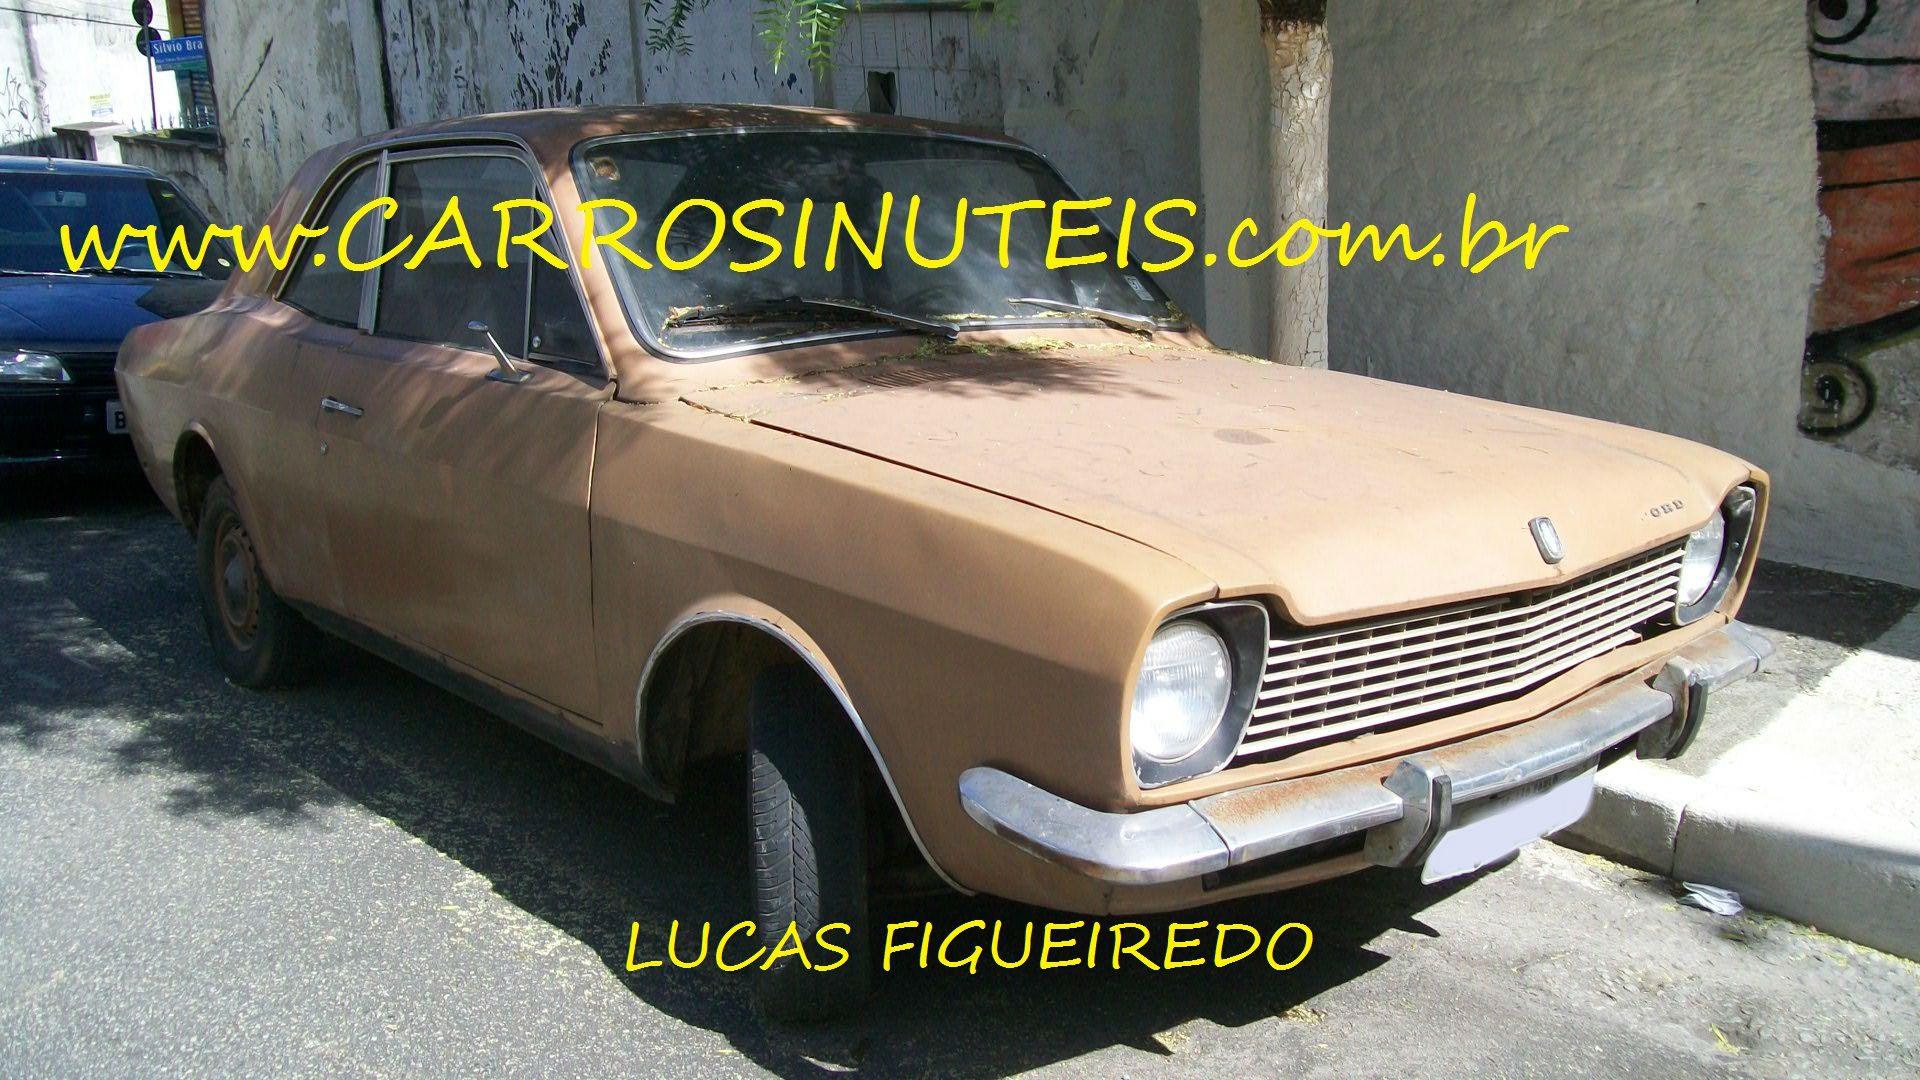 Lucas_Corcel_I_Sao-Paulo_Capital Ford Corcel I, São Paulo, SP.